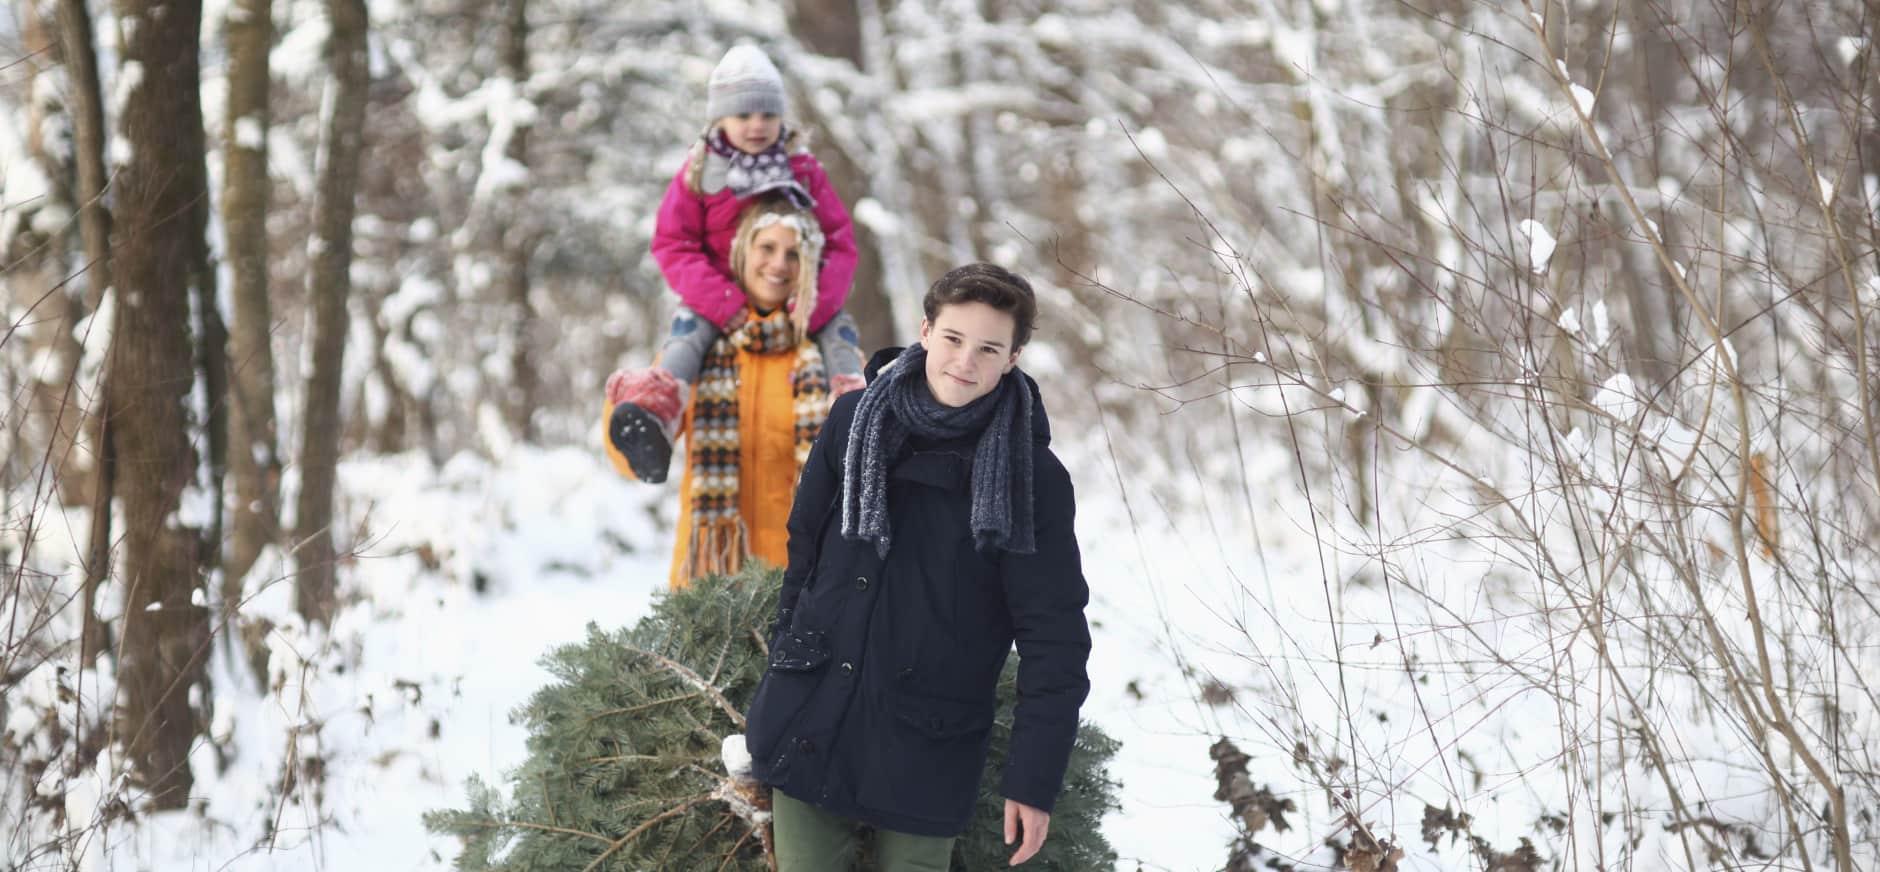 Start actie kerstboom voor 1 euro